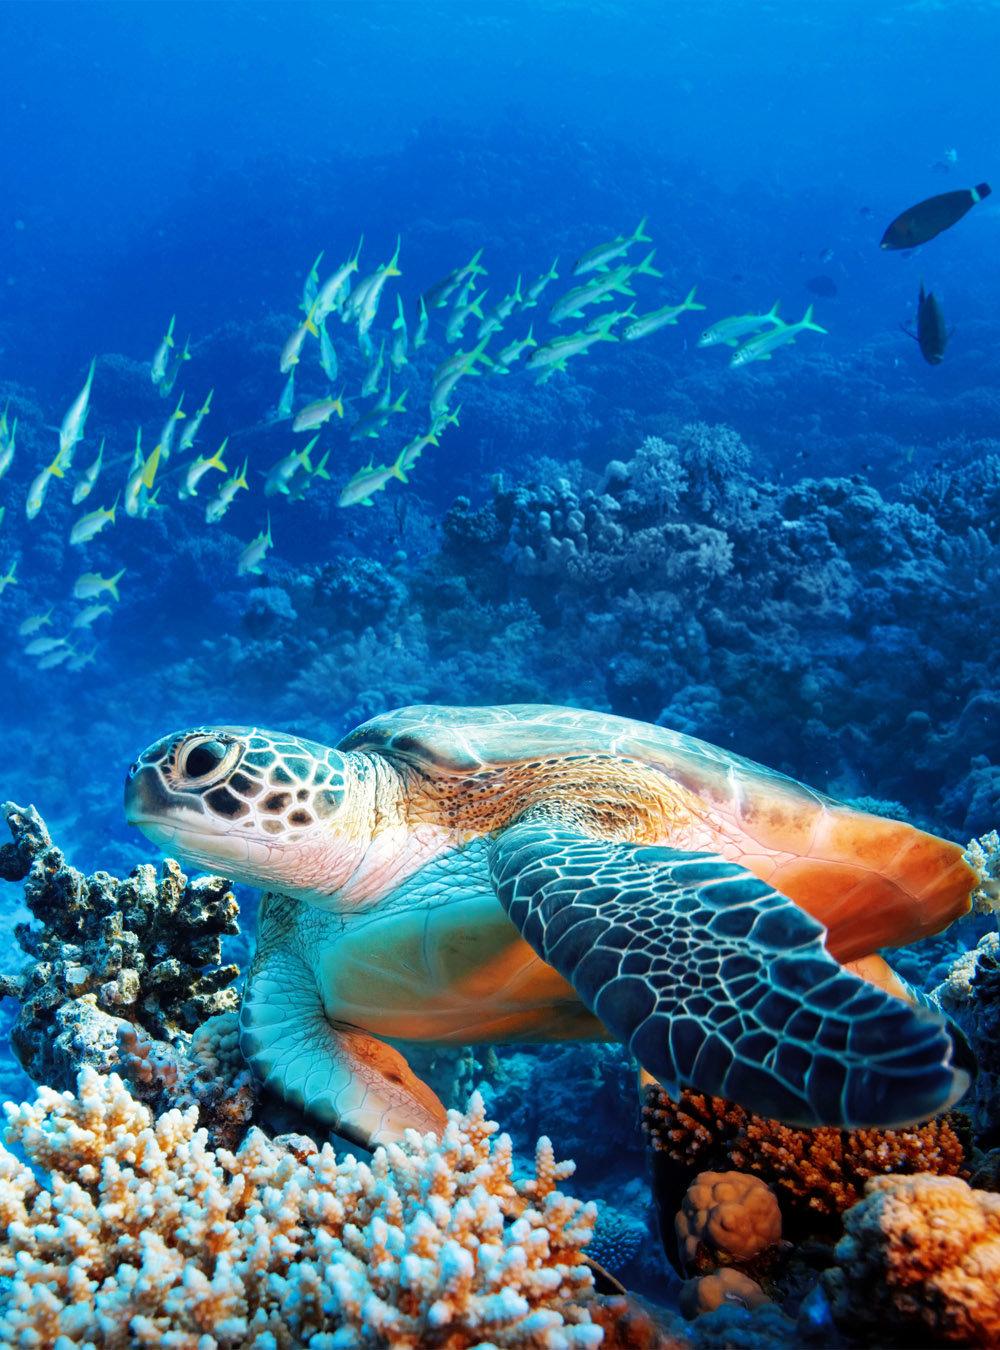 узкой фотообои морские обитатели менее вопрос